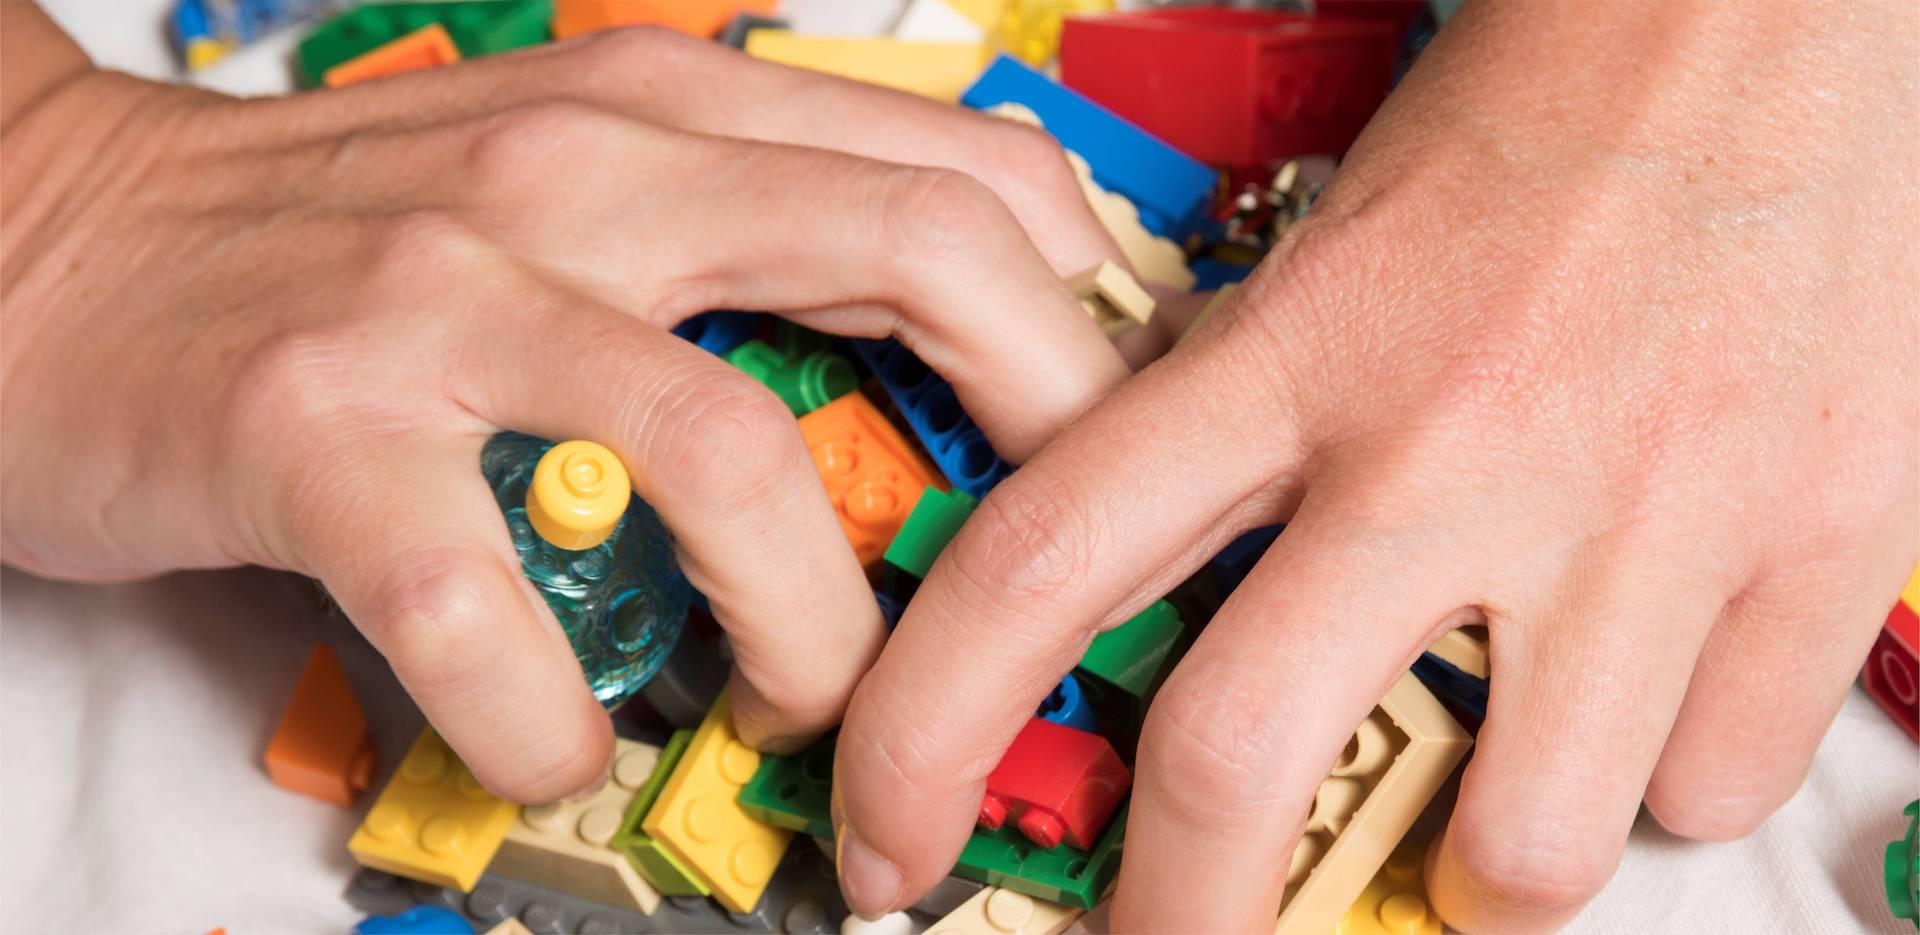 Que ofrezco - Lego Serious Play